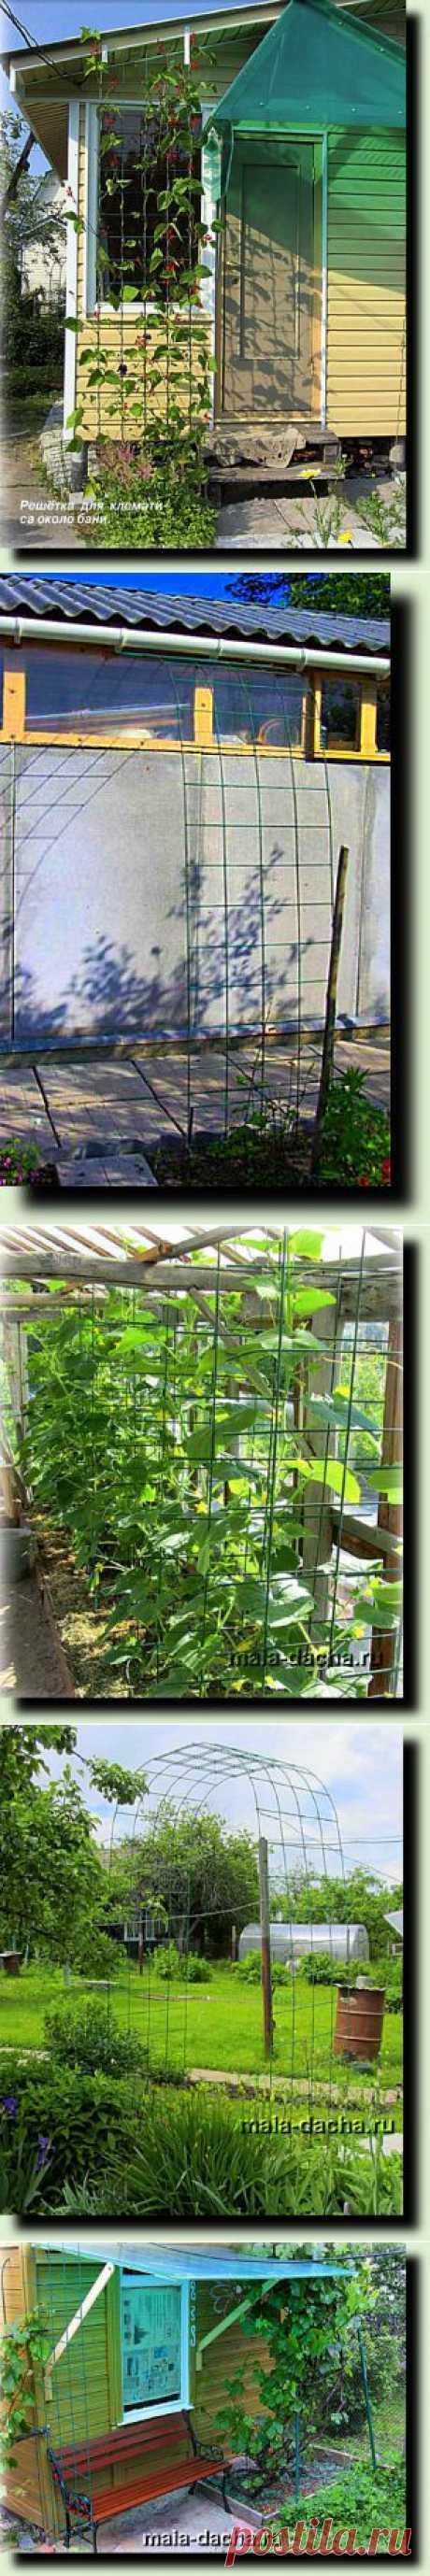 Строительная сетка в саду-идеи для дачника | Дача своими руками | Дача своими руками